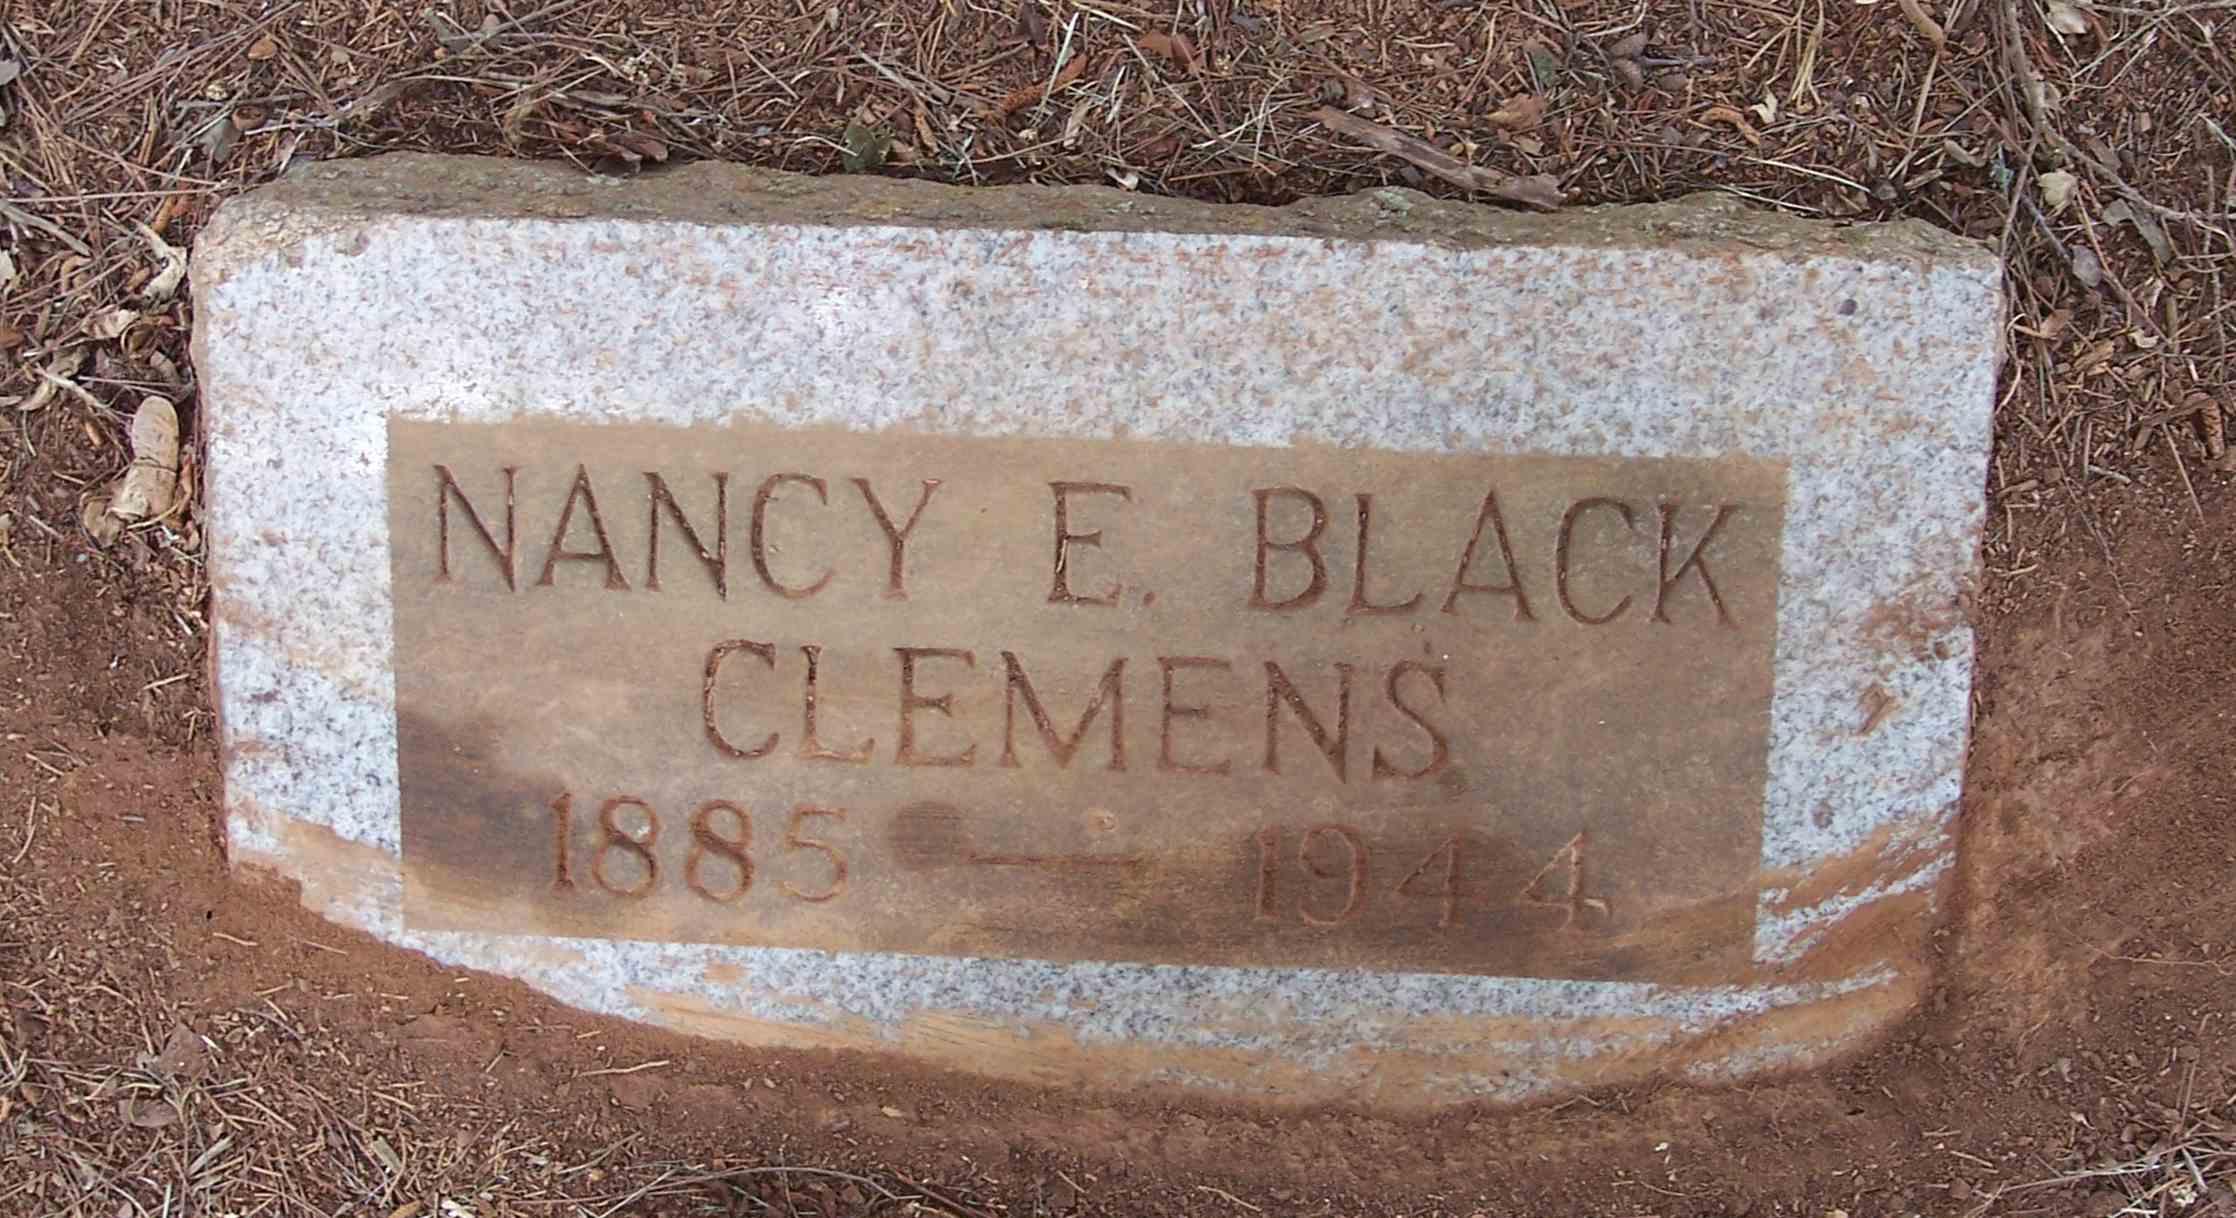 Nancy E. <i>Black</i> Clemens